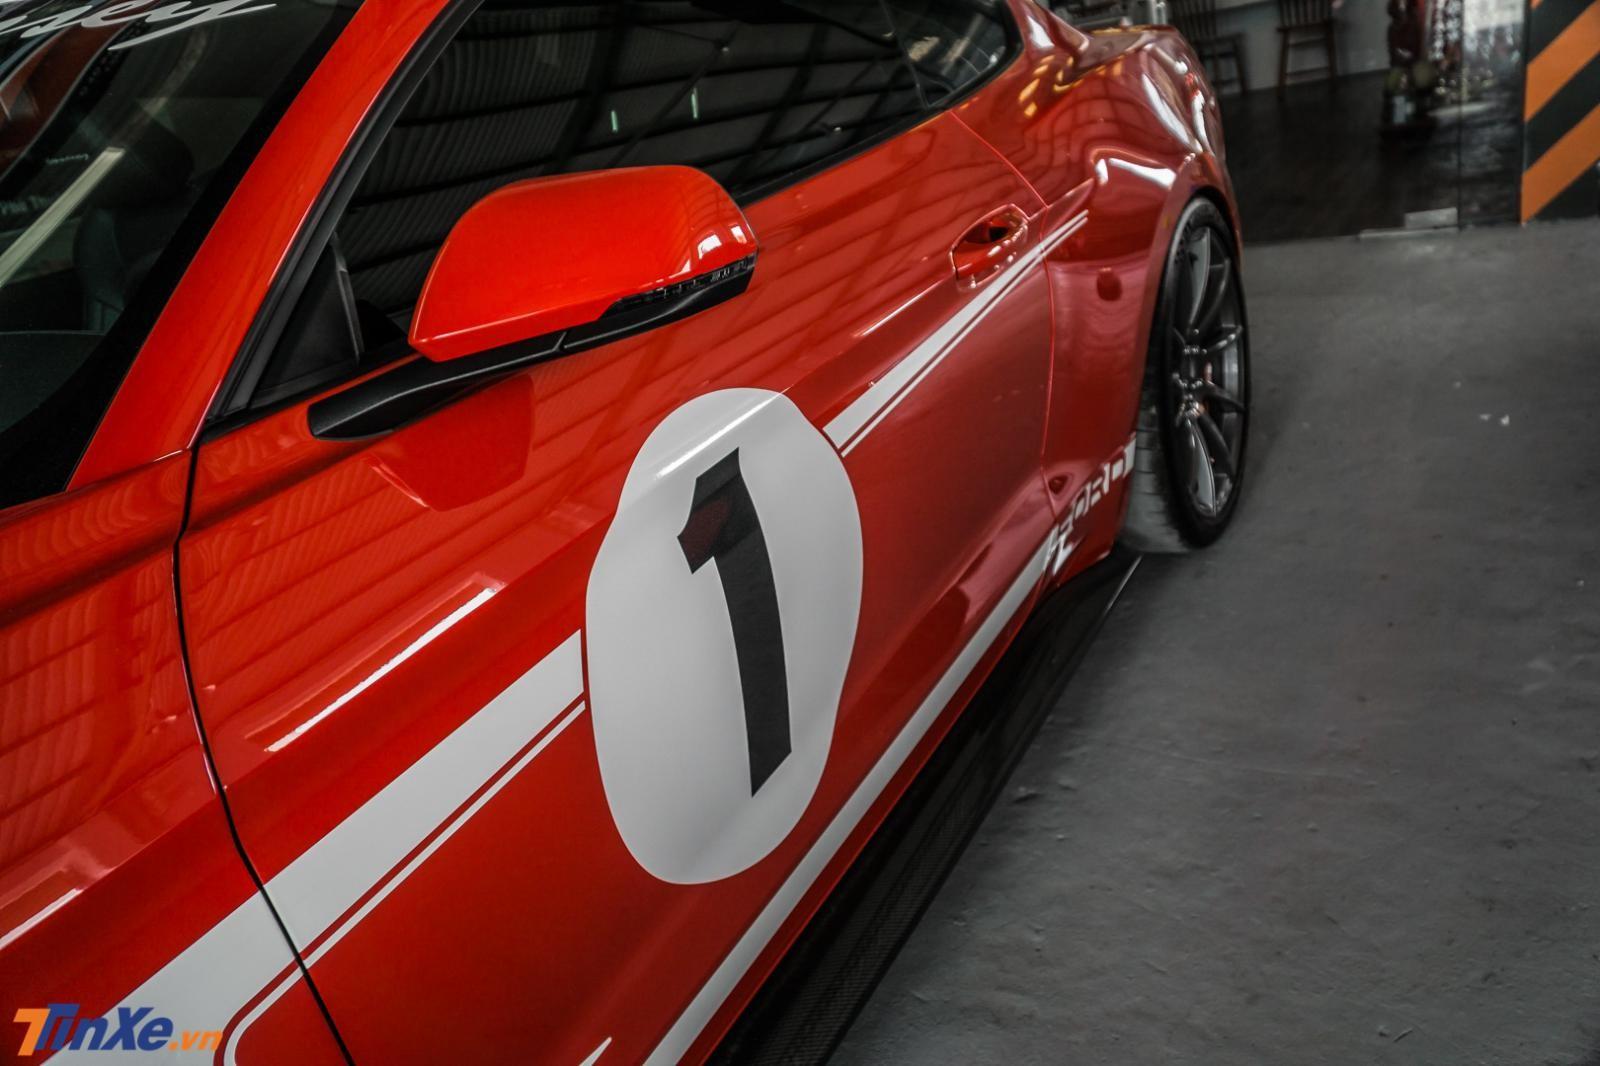 Hennessey Heritage Edition Mustang có giá tại nước ngoài đã hơn 2 tỷ đồng